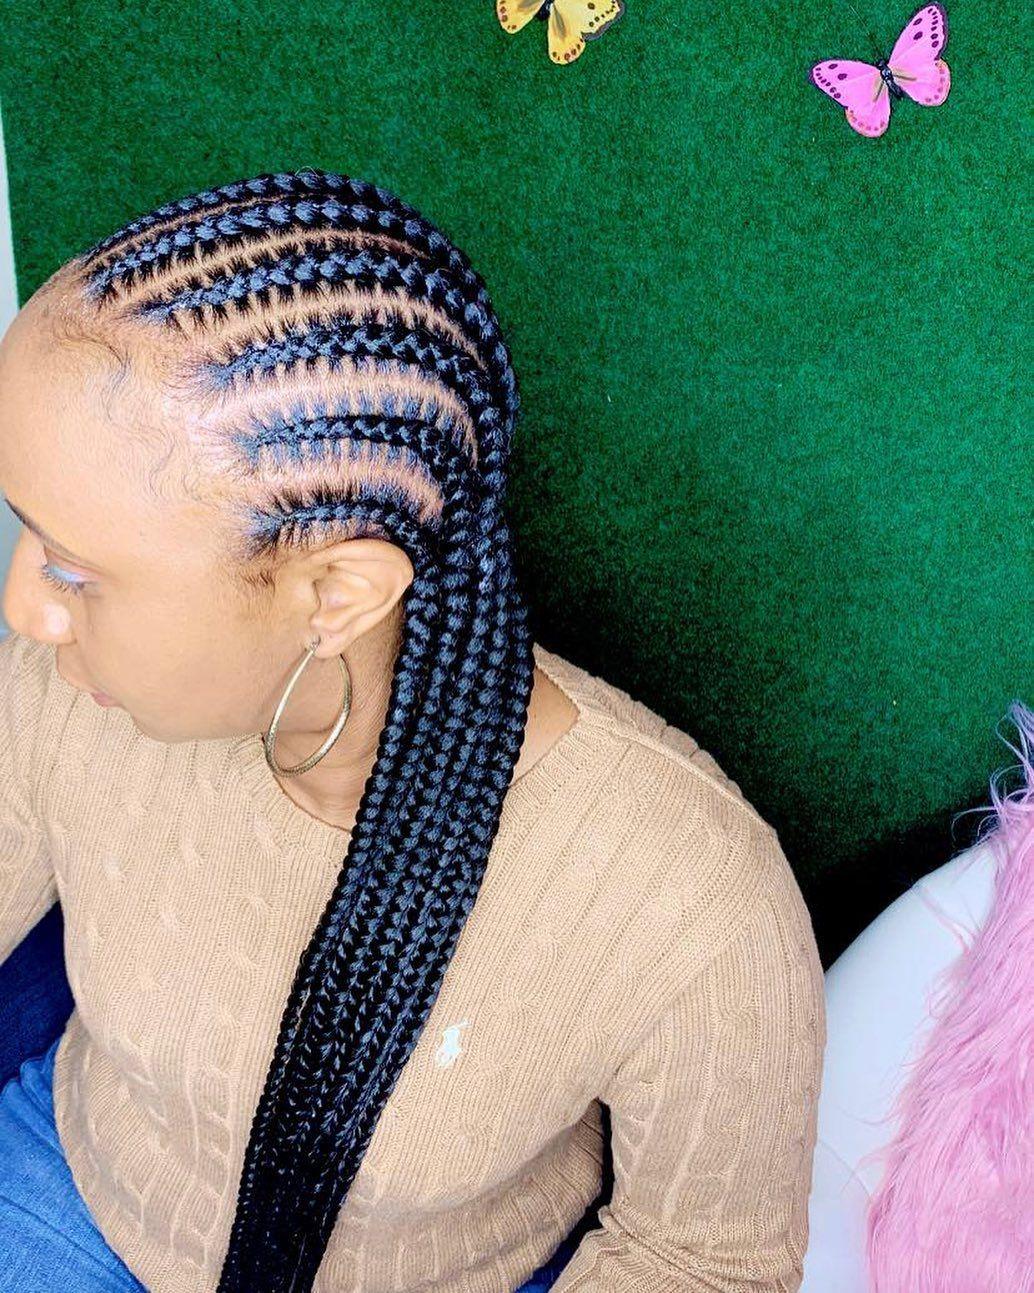 Erica Latrice On Instagram Book Under 10 12 Feed Ins Feedinbraids Feedinponytail Stit Feed In Ponytail Stitch Braids Natural Hair Styles